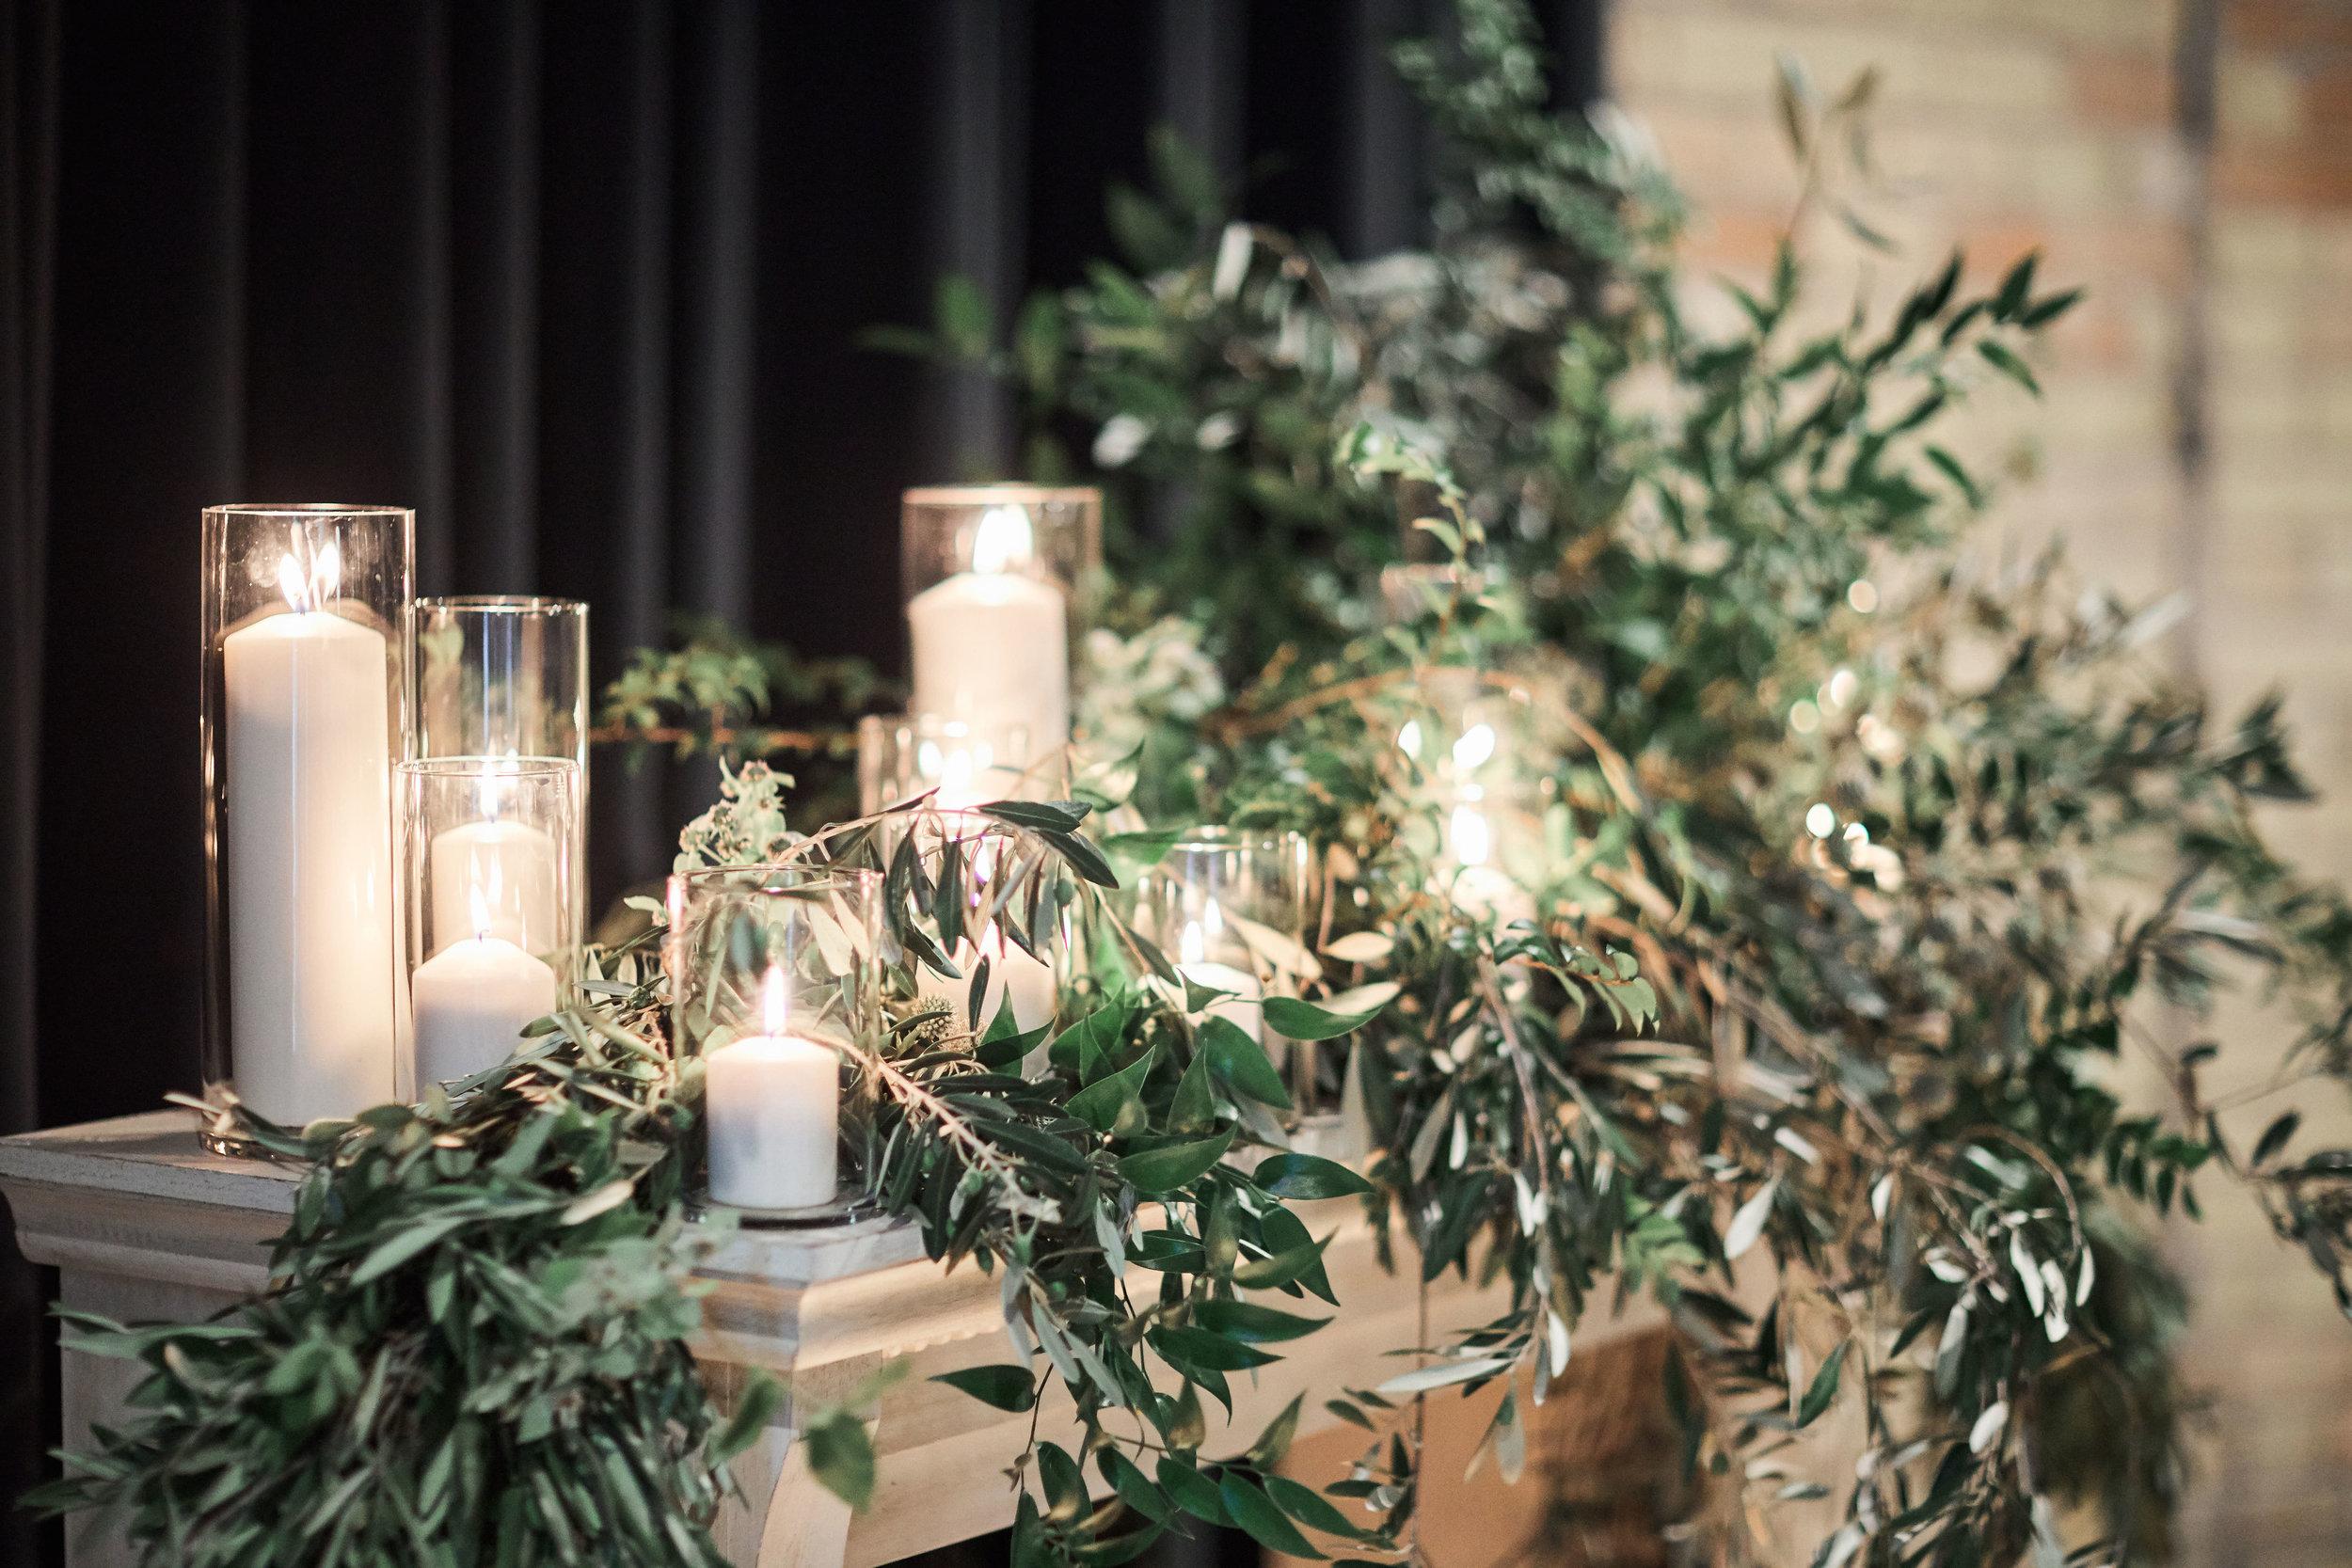 fireplace candle greenery